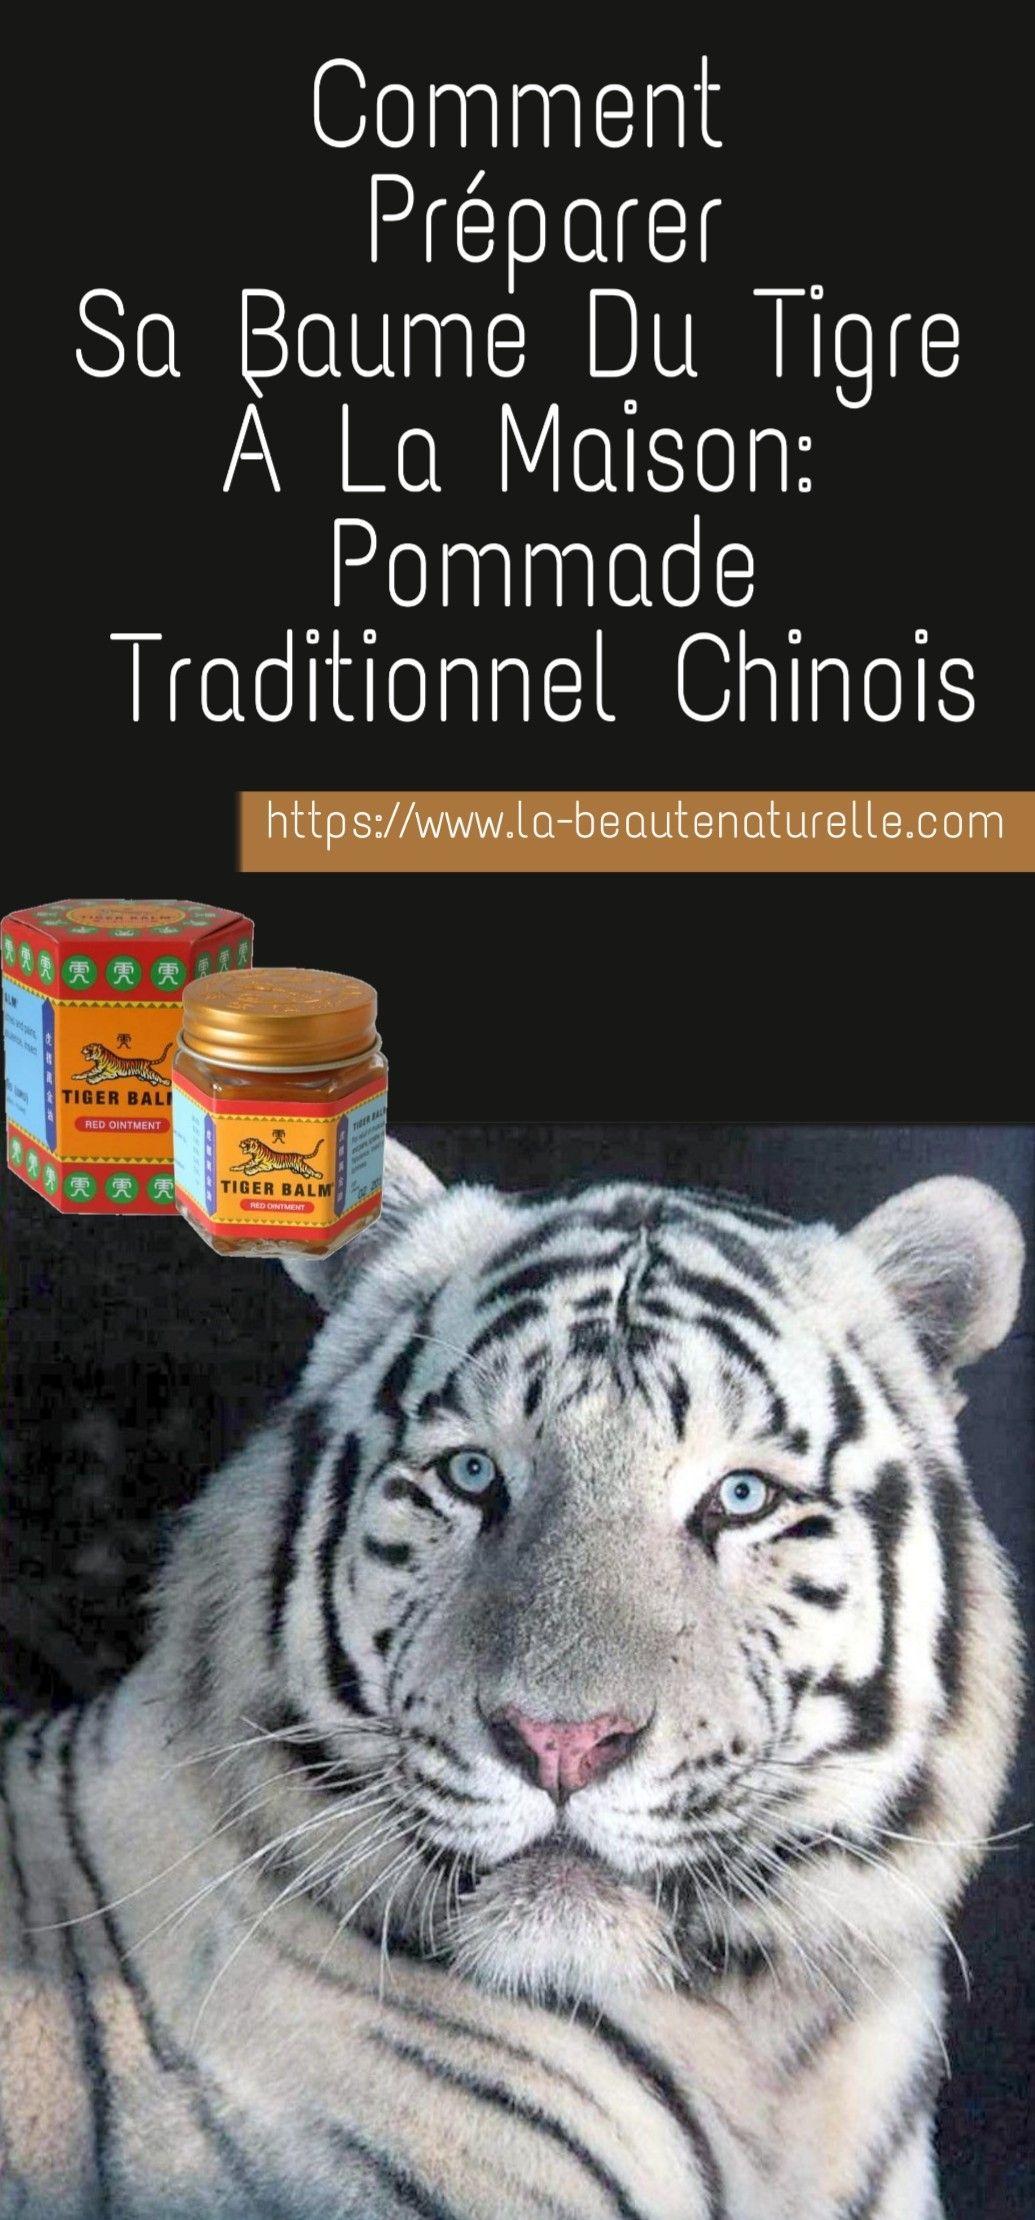 perte de poids de baume du tigre combien de temps perdre la graisse du ventre